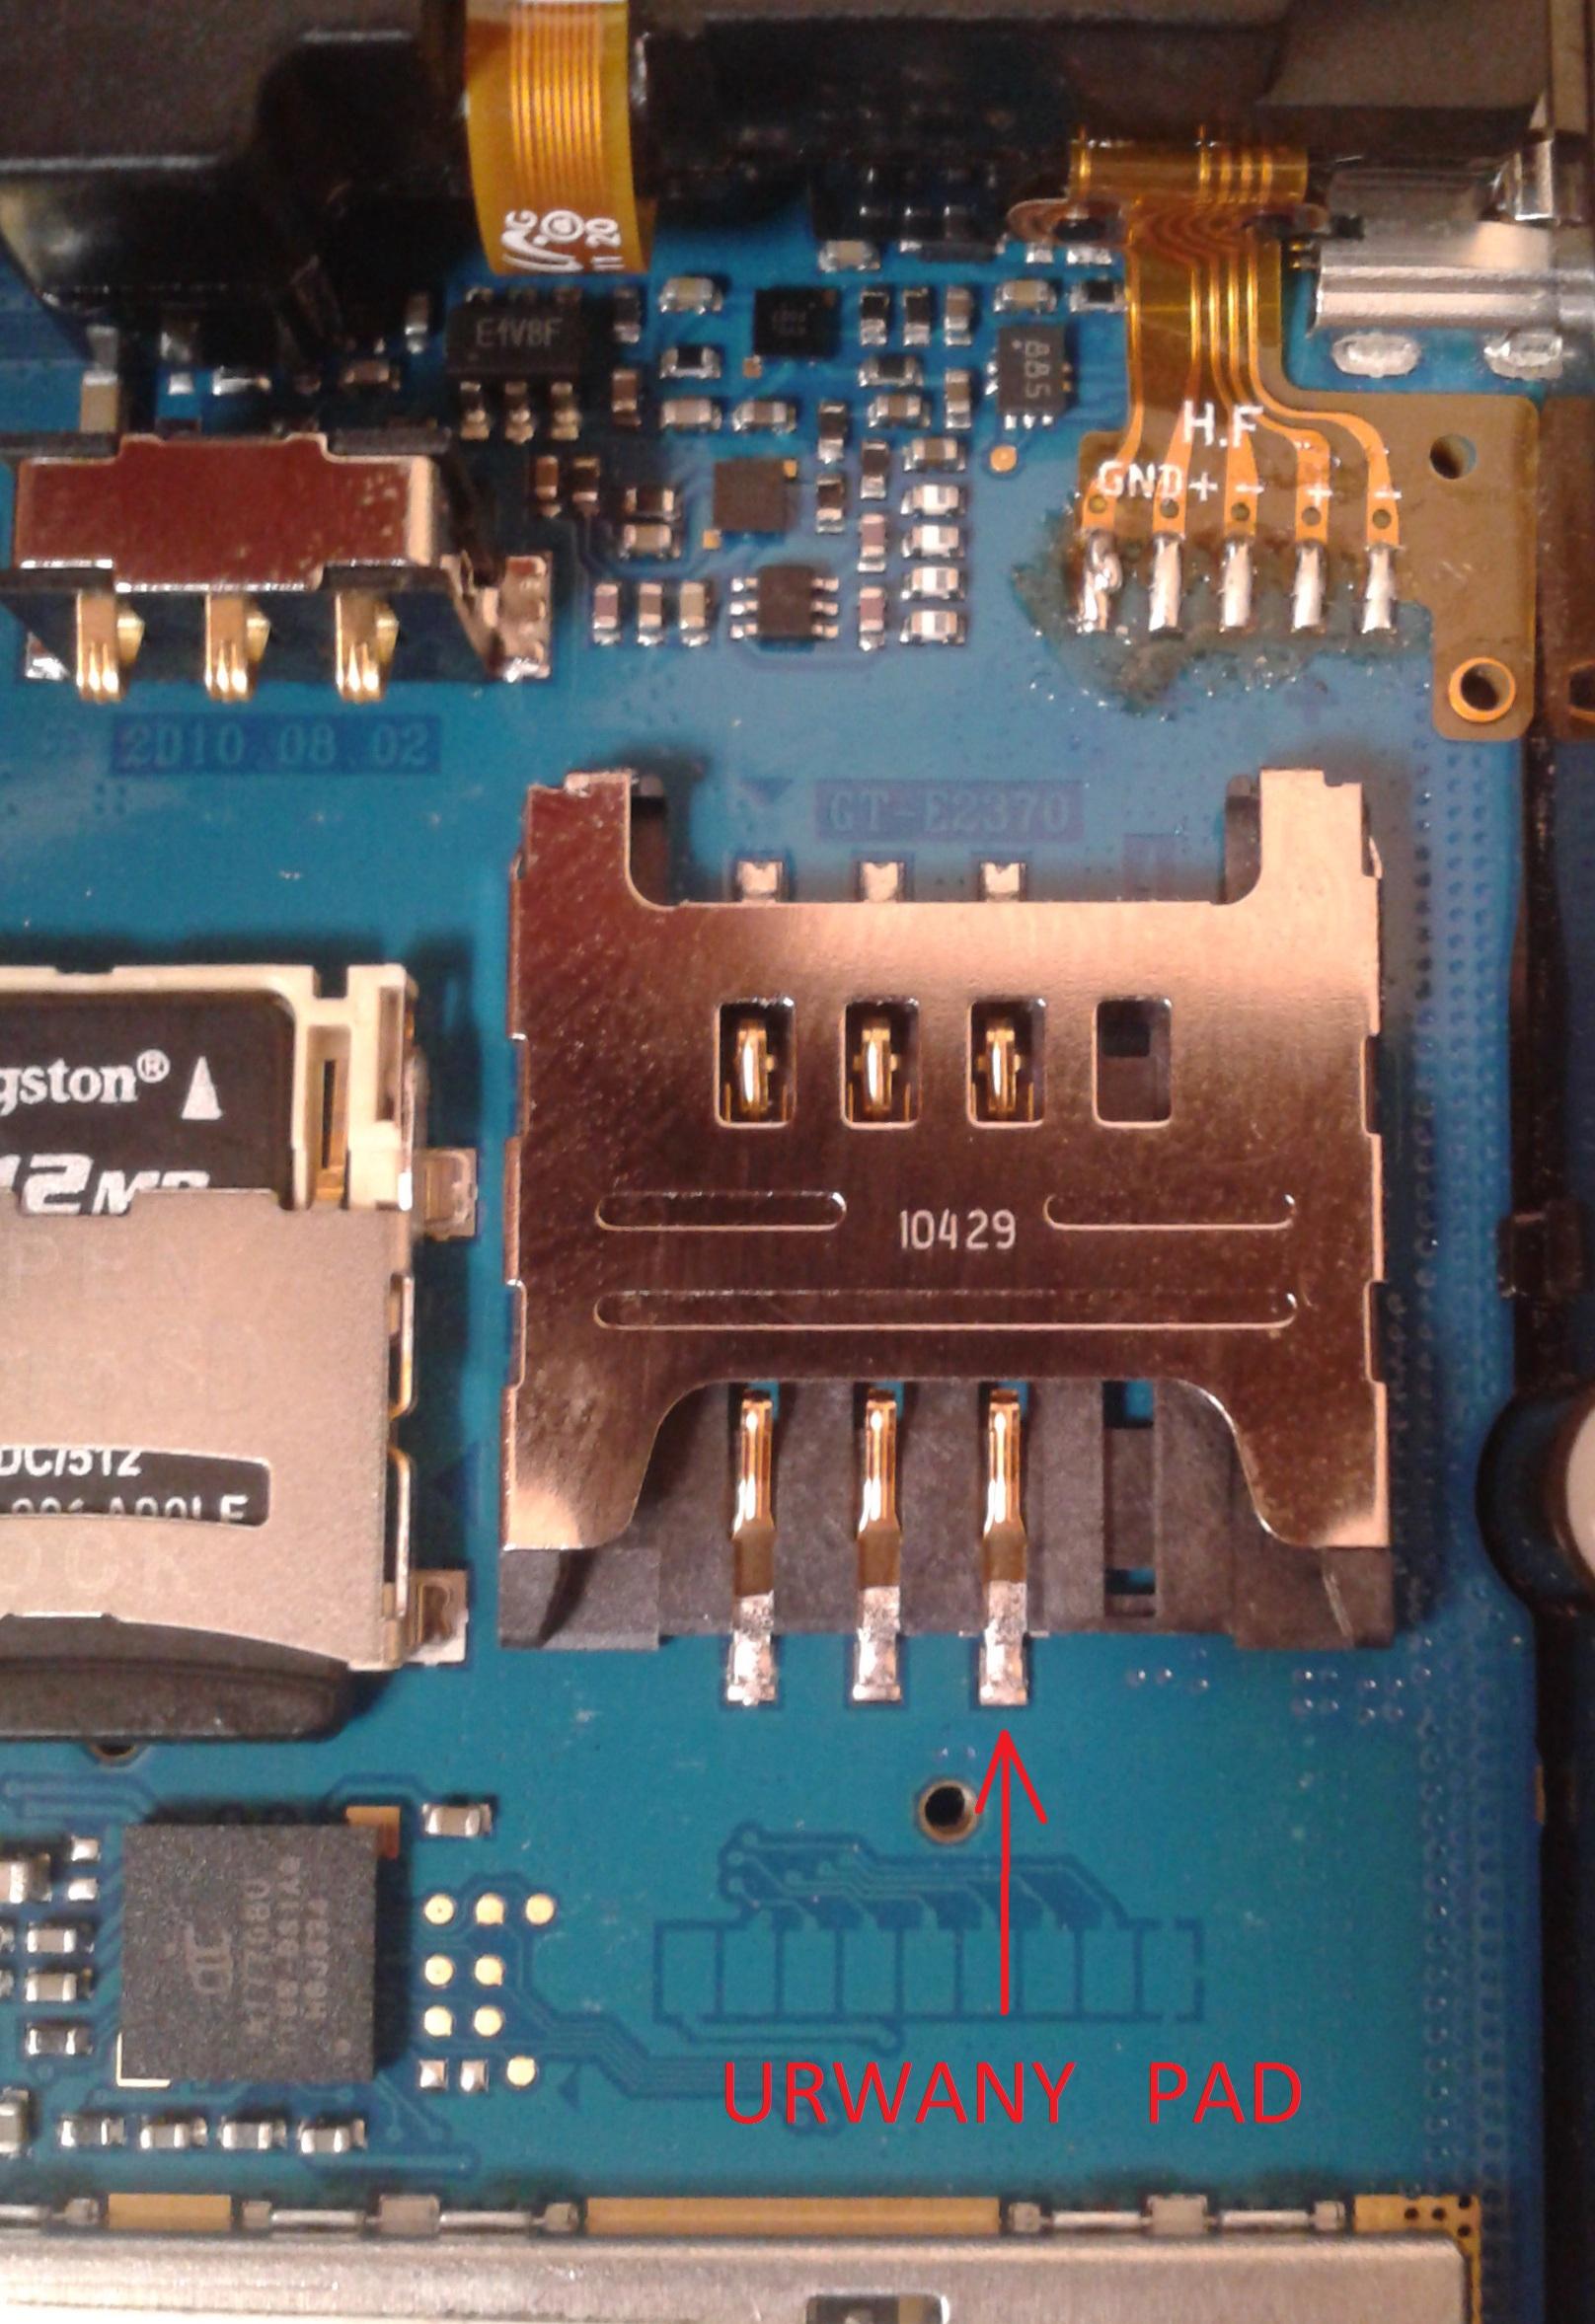 Samsung Solid GT-e2370 - urwany pad nr.1 w z��czu karty sim